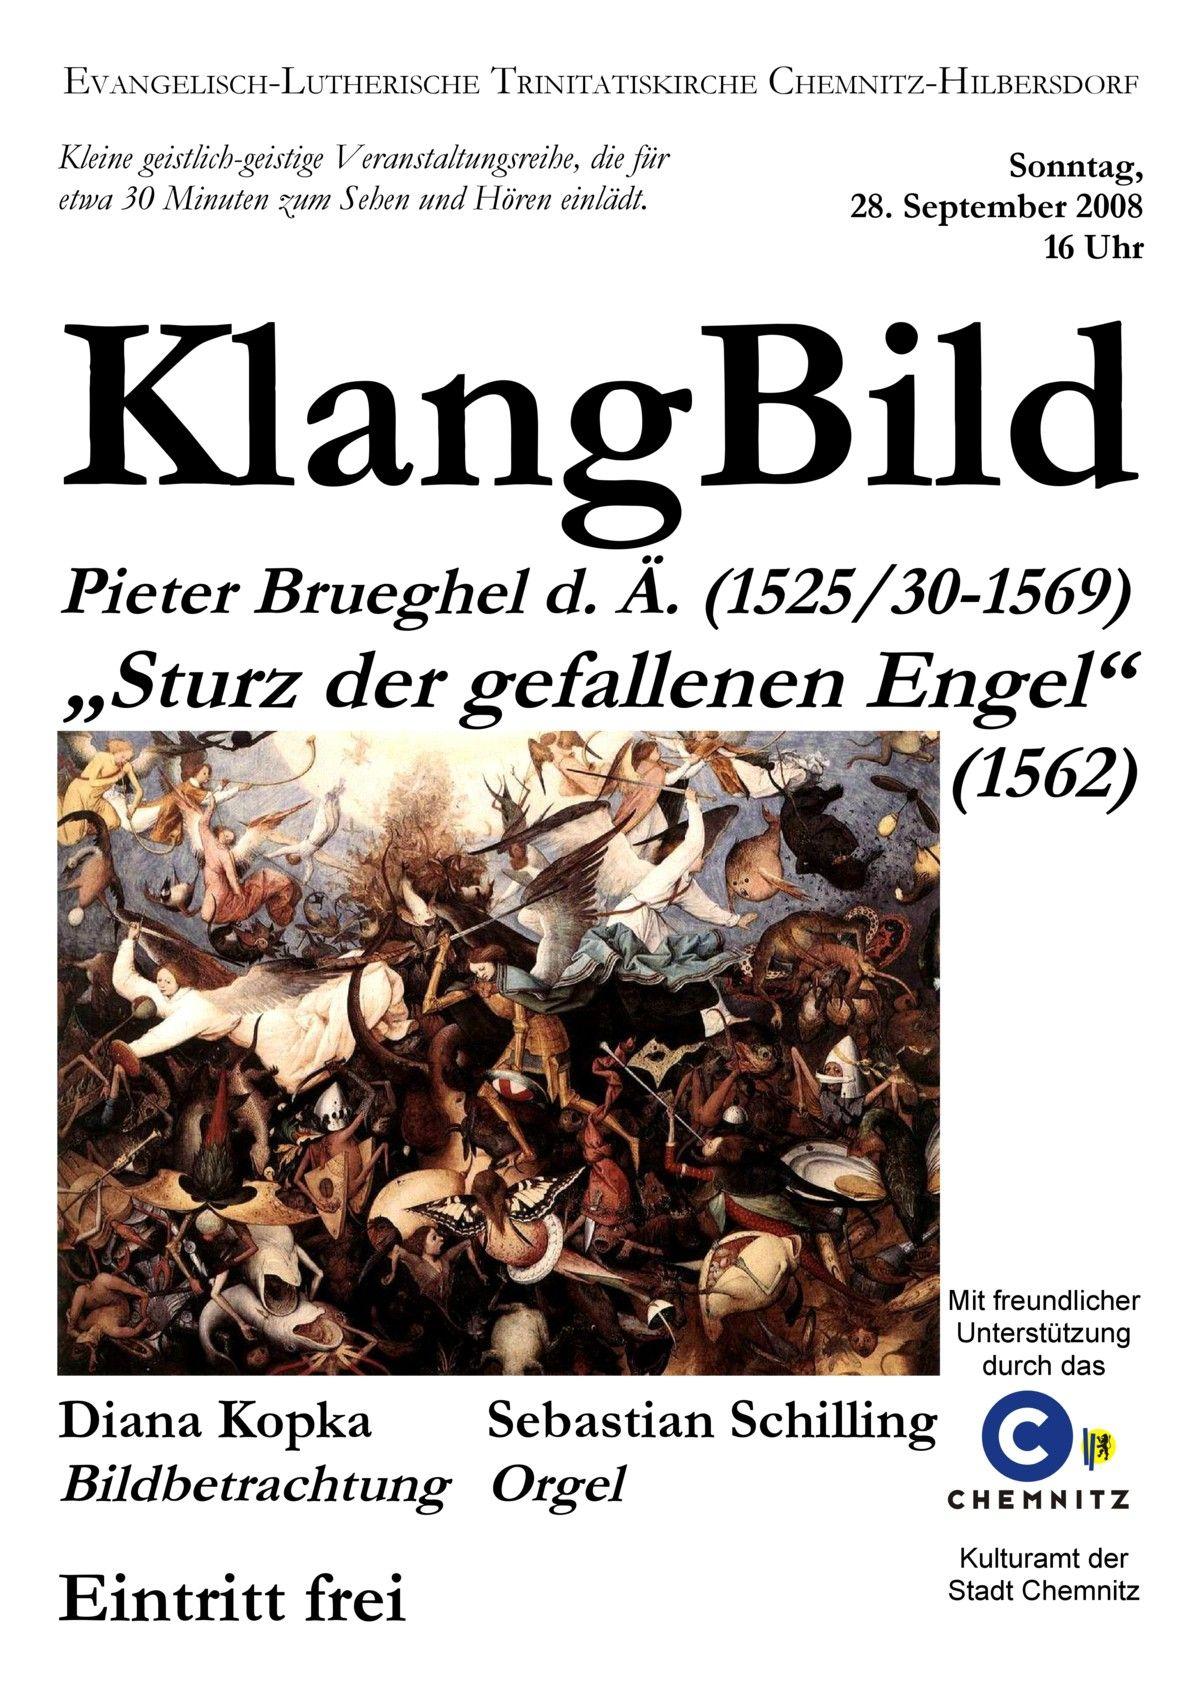 2008-09-28  KlangBild III.    Pieter Brueghel d.Ä.  Sturz der gefallenen Engel